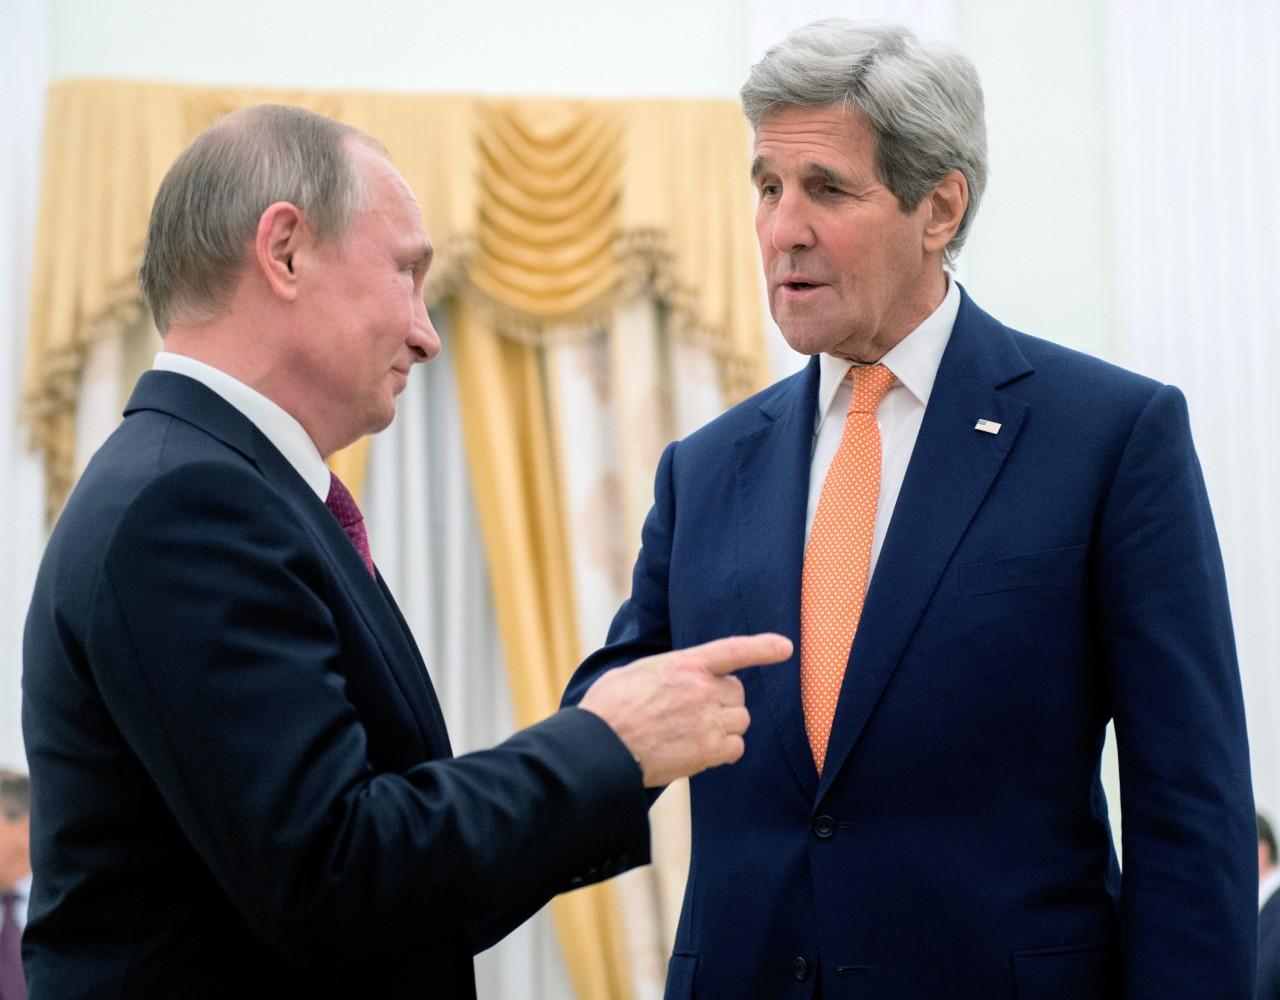 Встреча Путина и Керри в кремле: Итоги